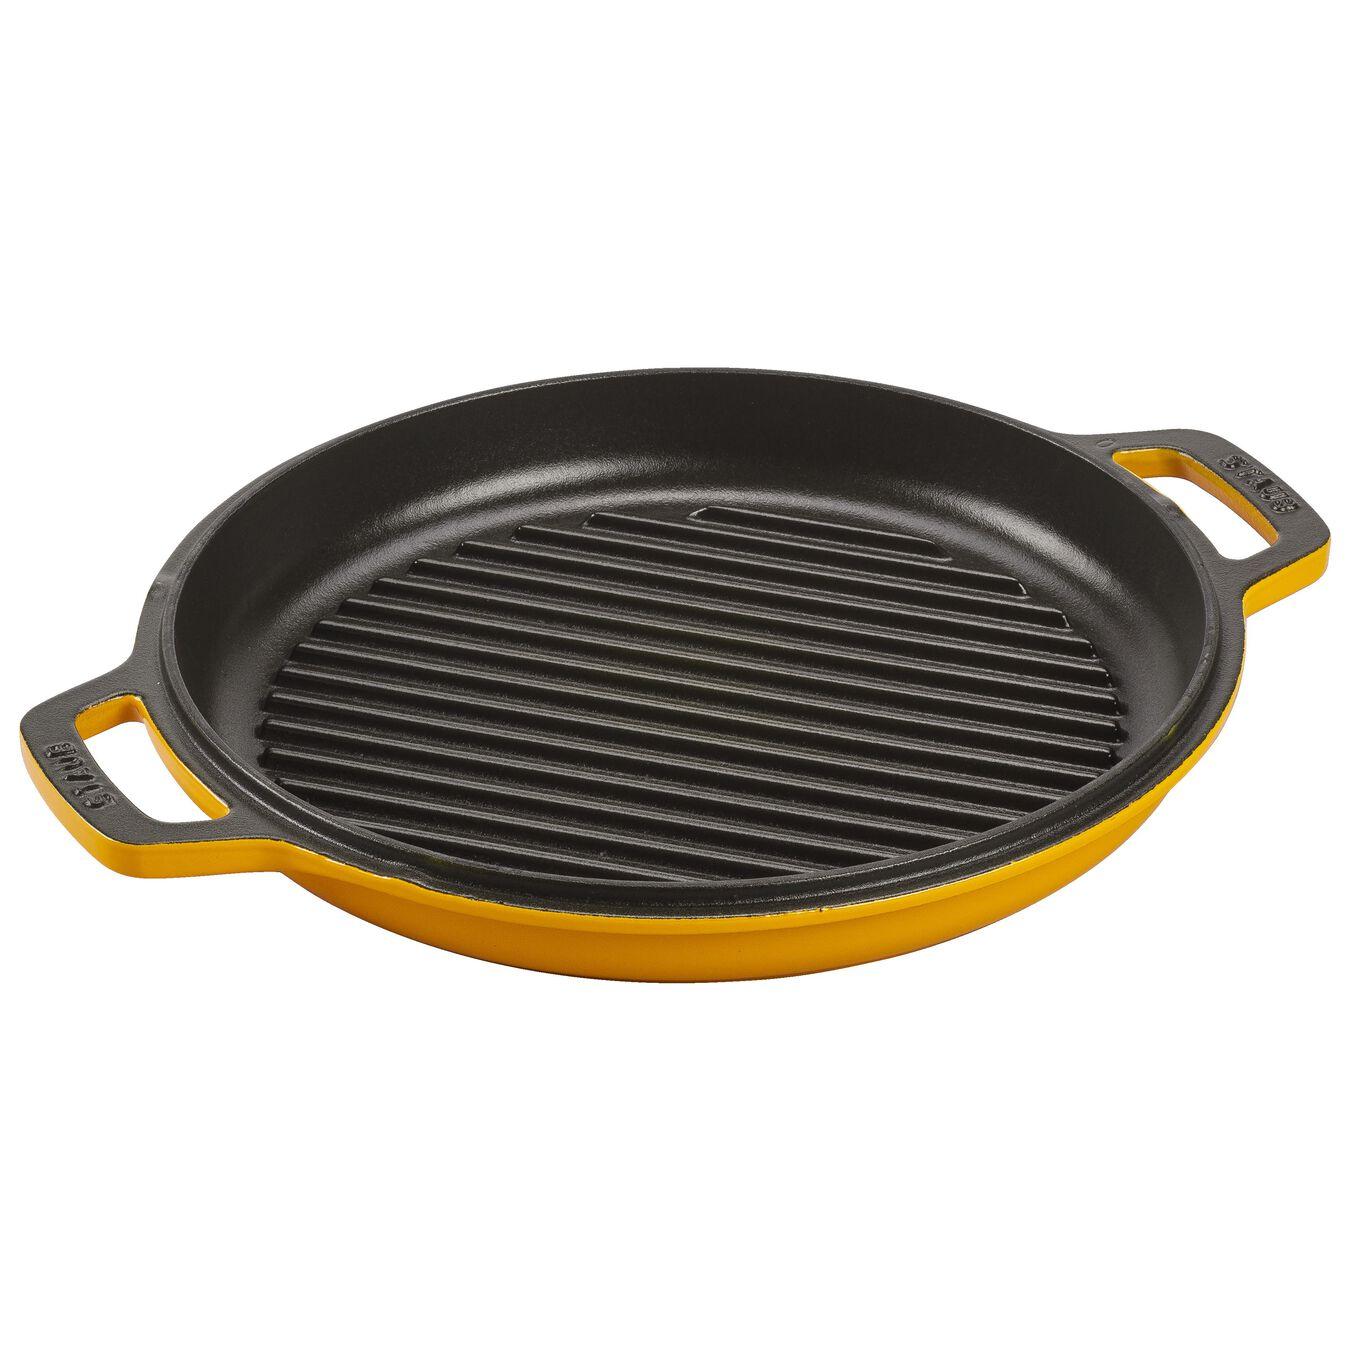 3.5 qt, Braise + Grill, Saffron,,large 3